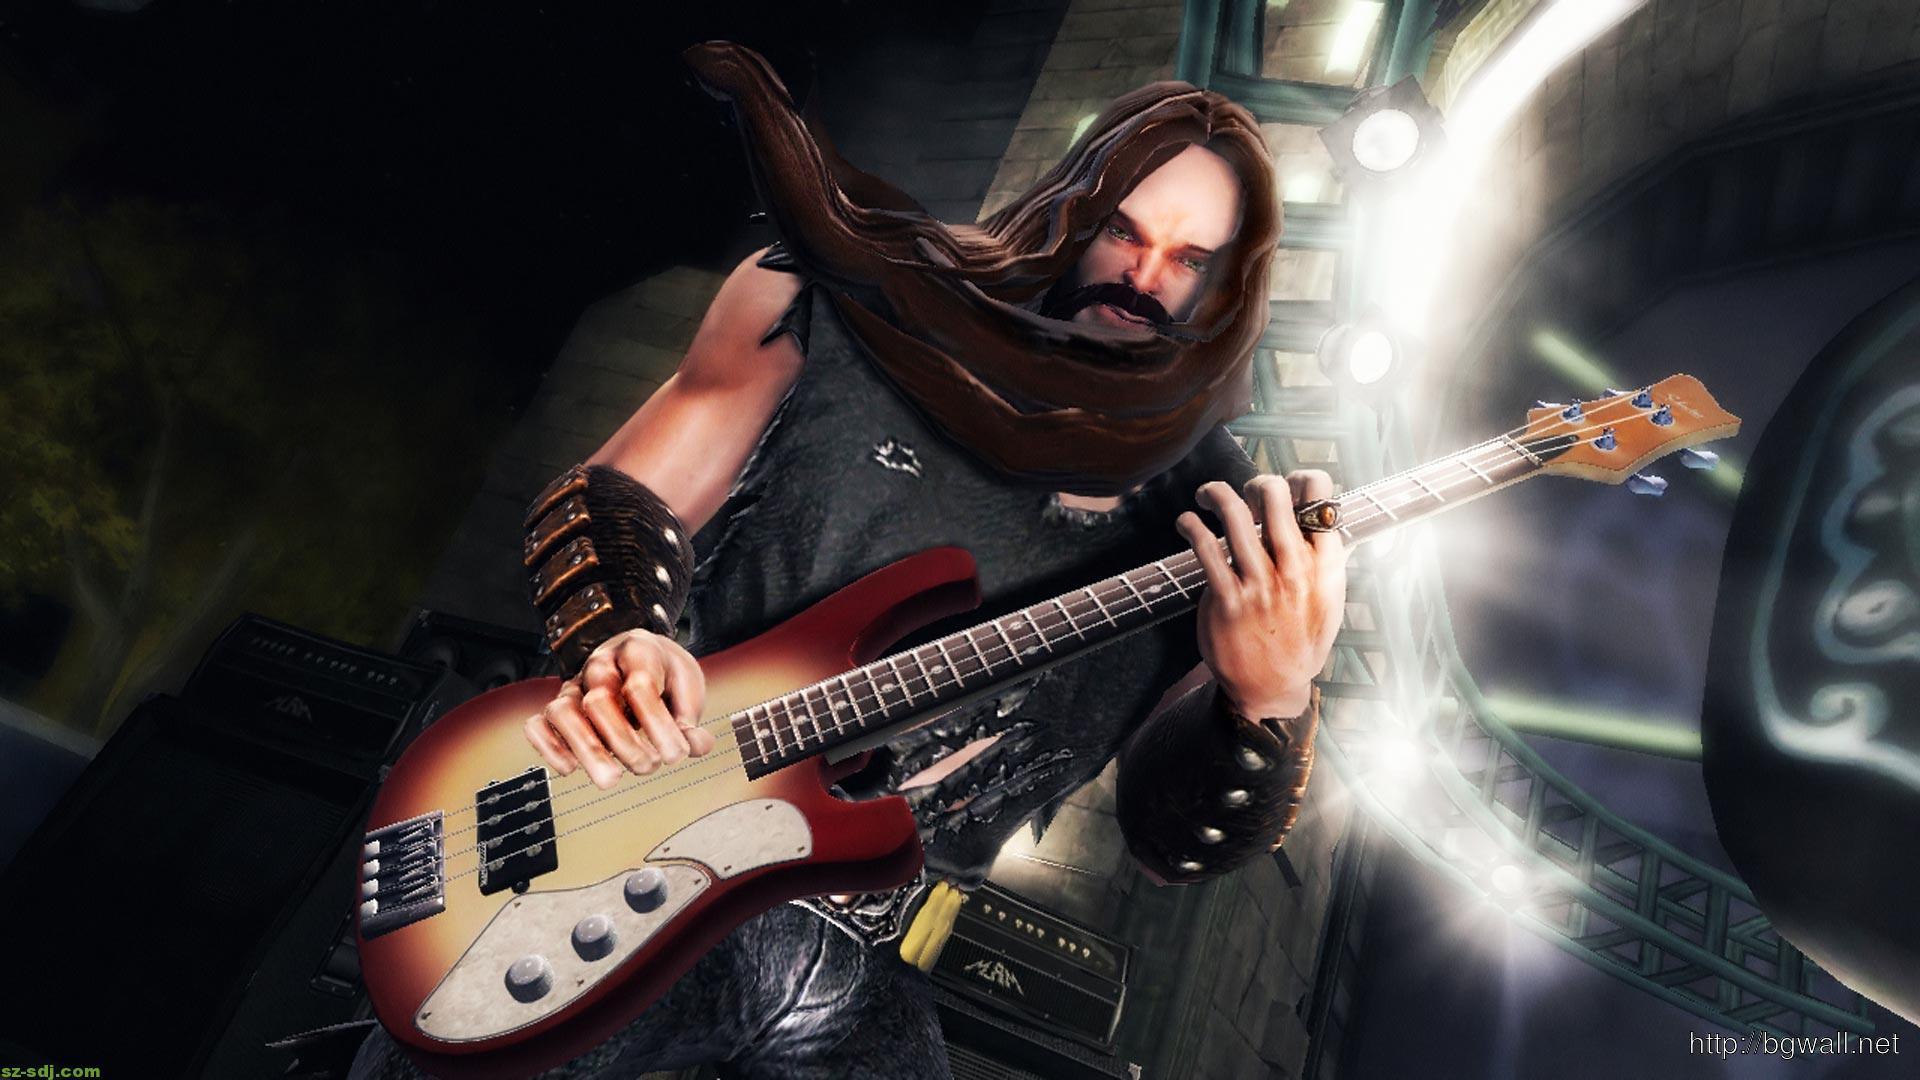 guitar-hero-desktop-wallpaper